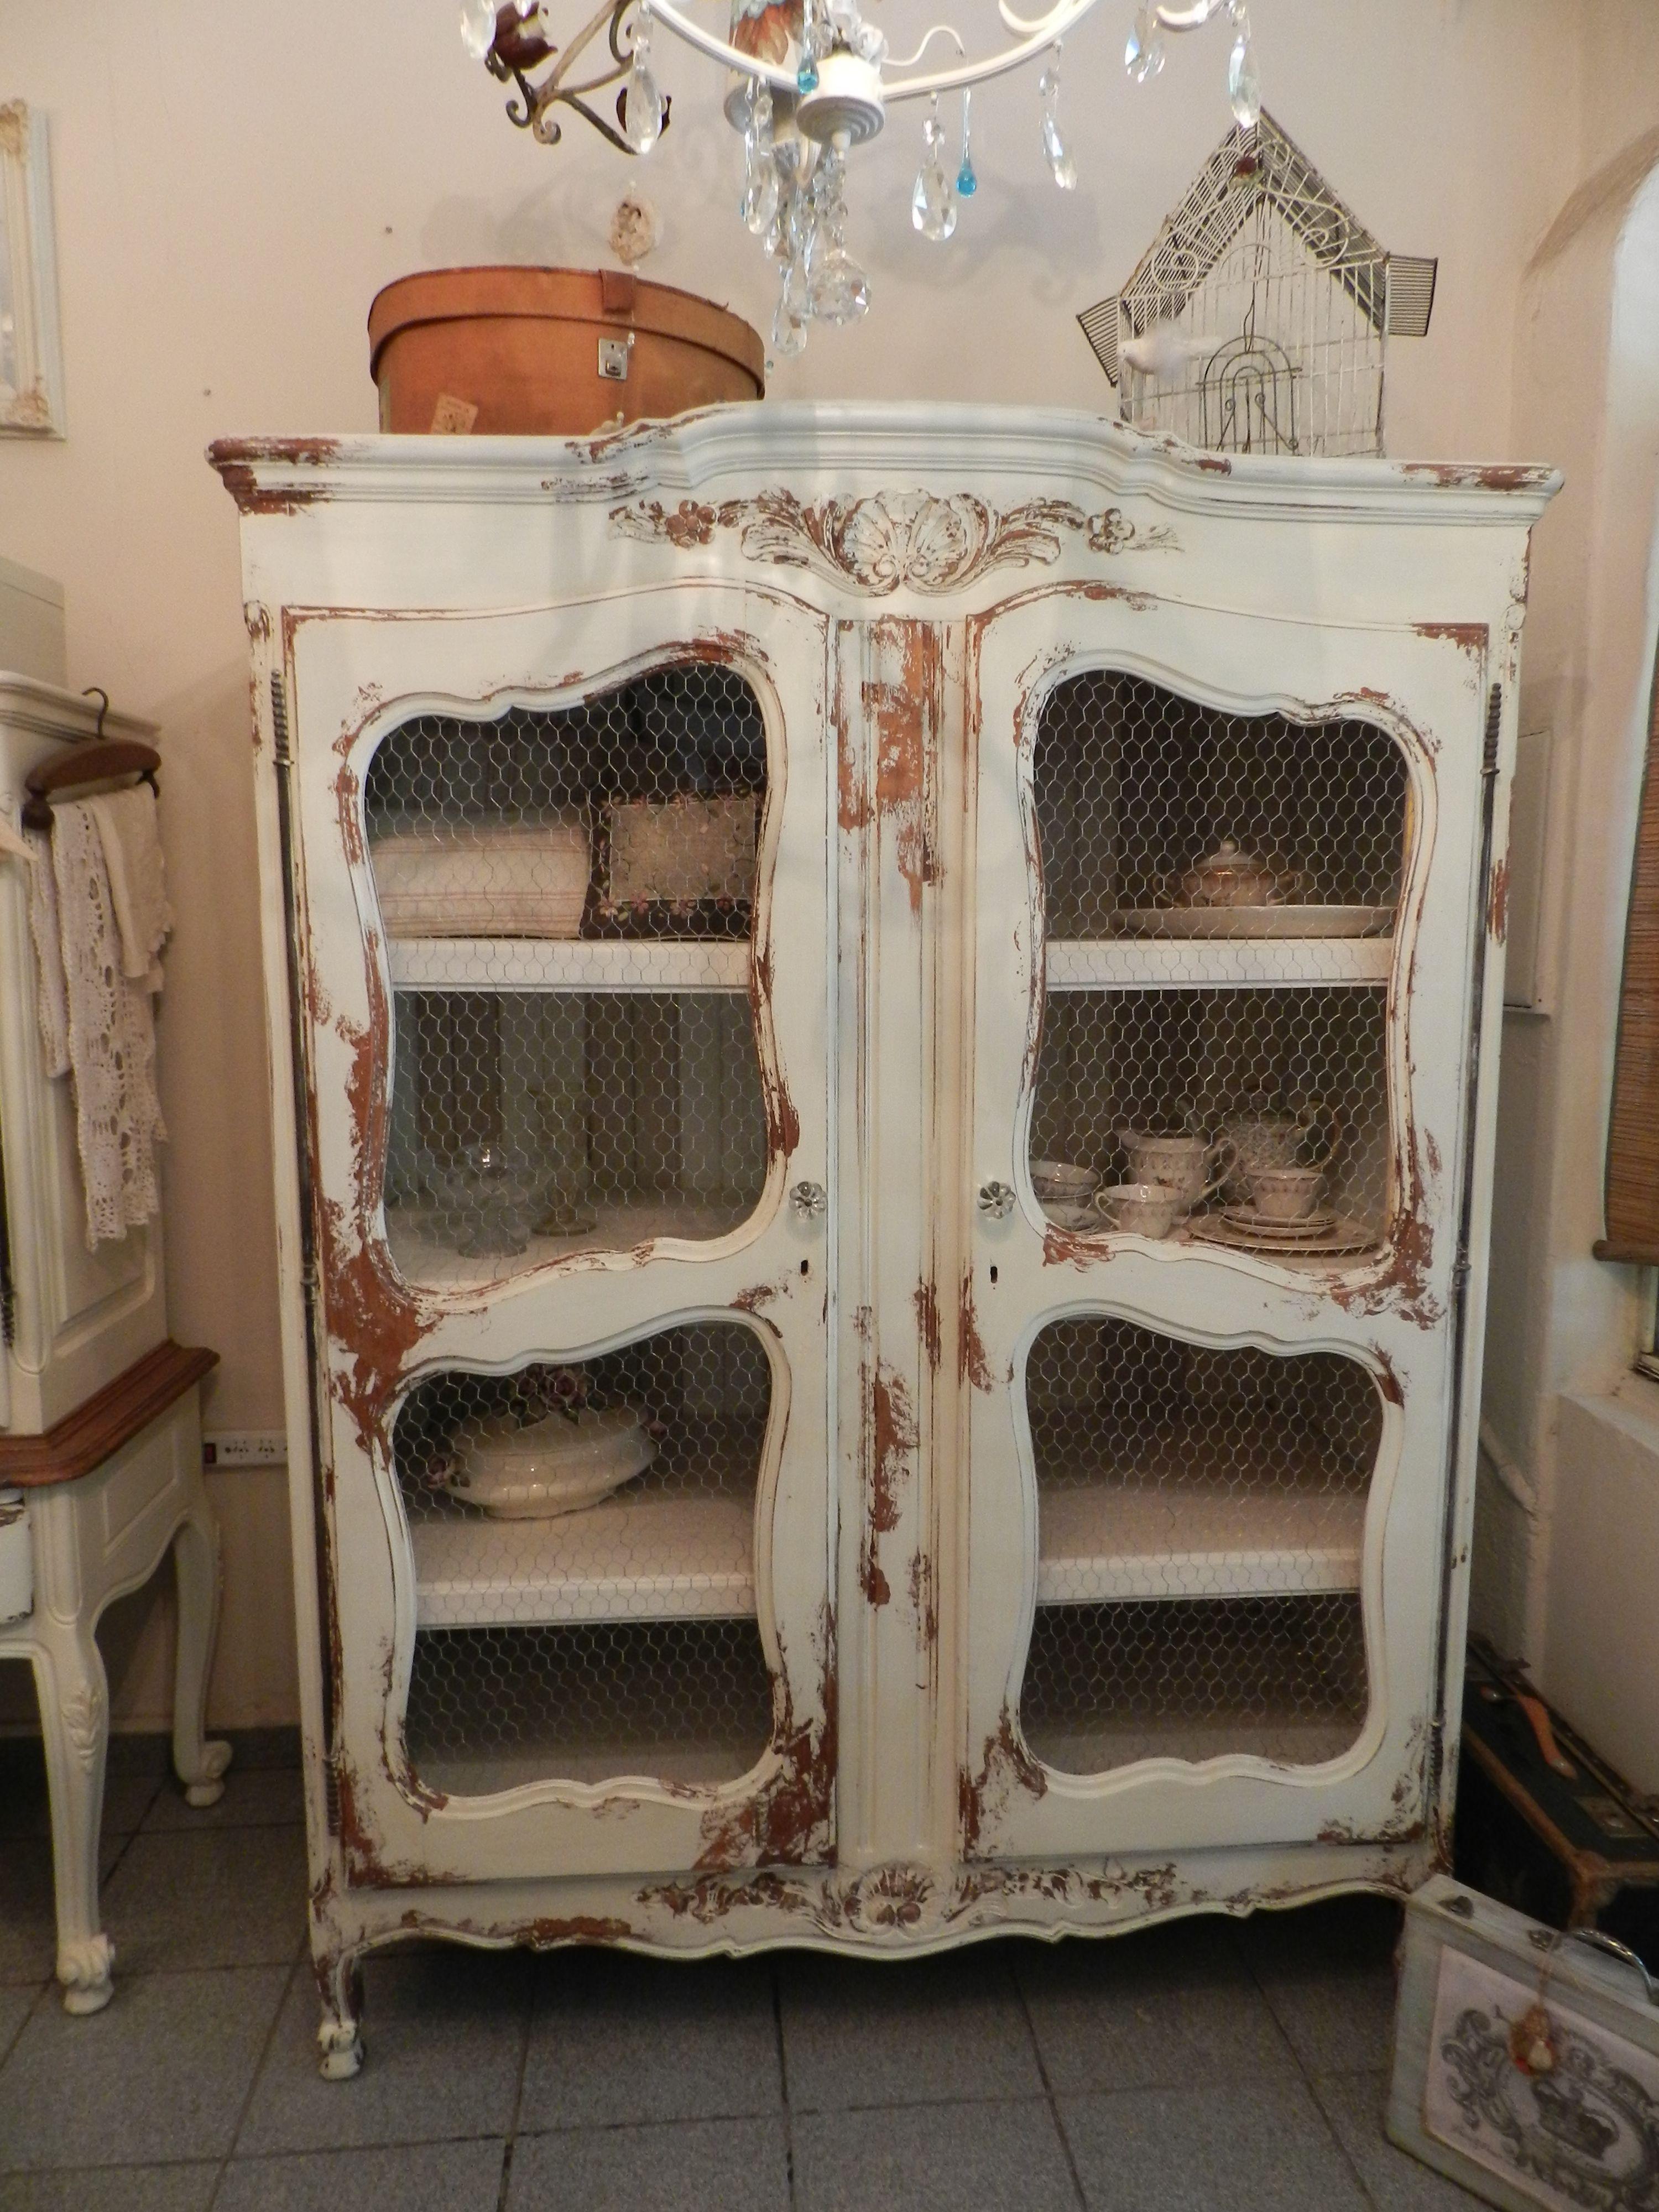 Ropero decapado y restaurado   Provenzal muebles   Pinterest ...